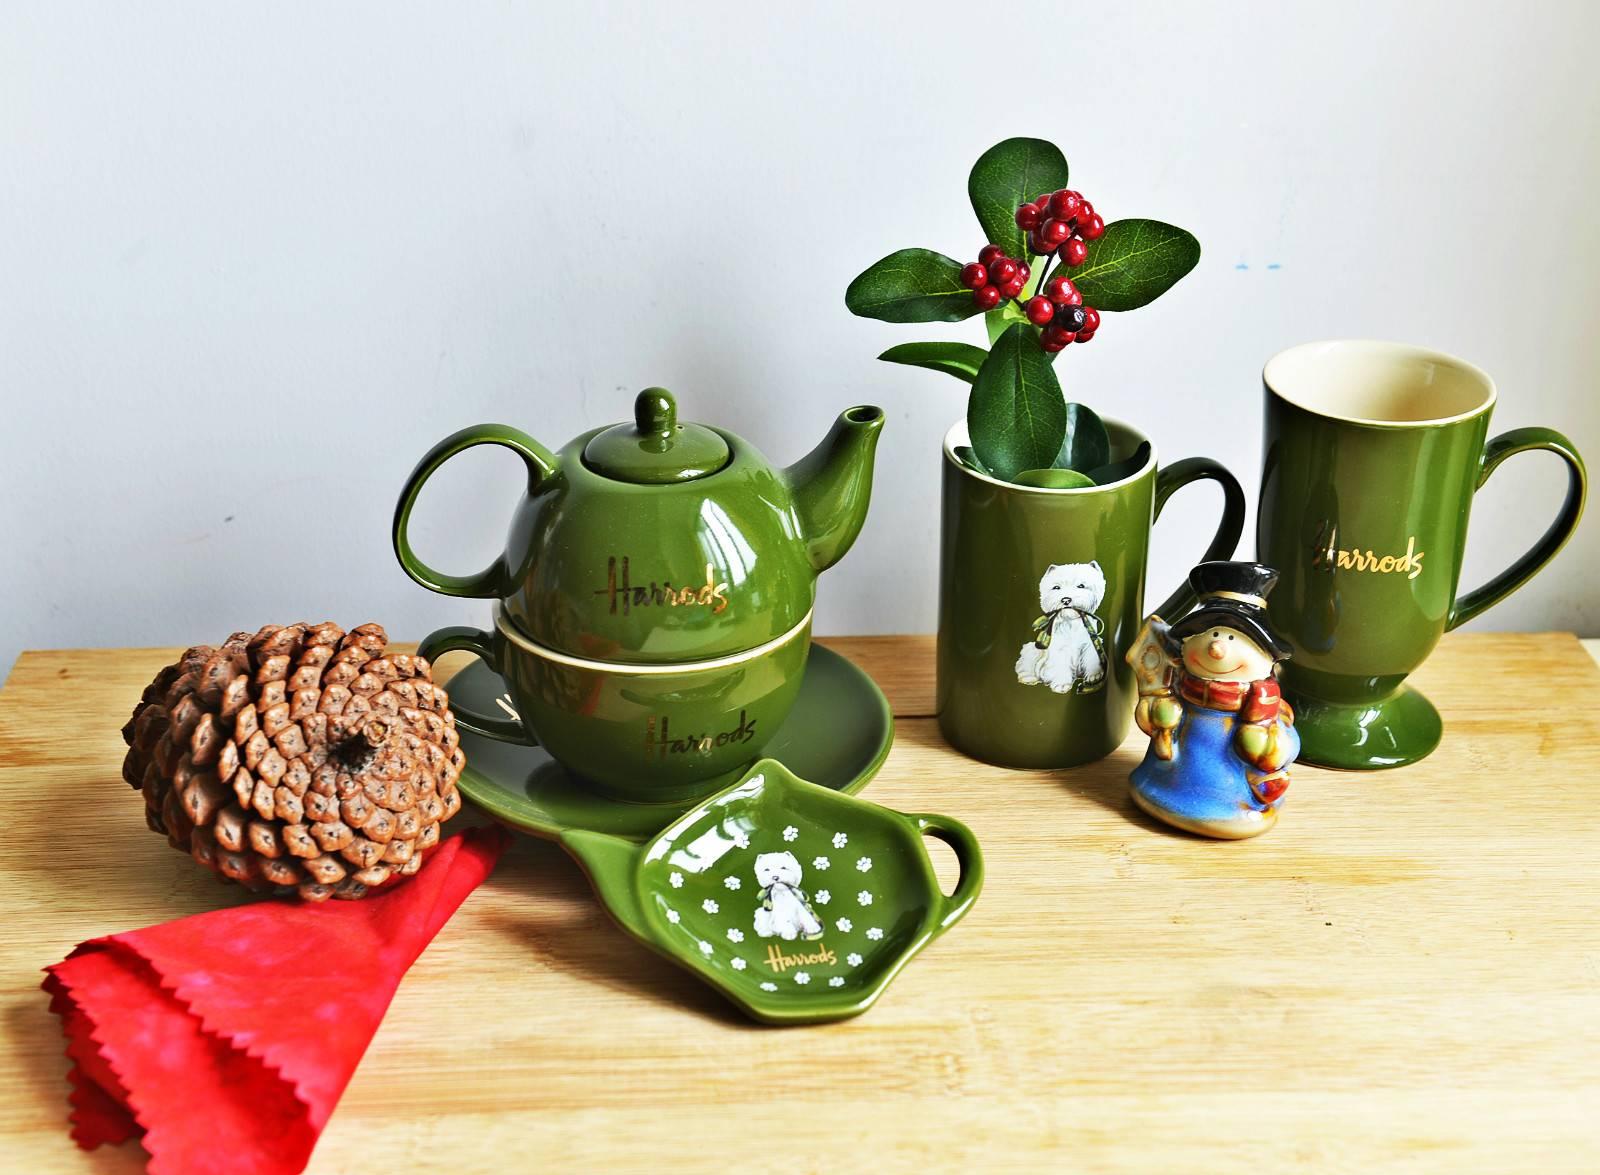 Выбираем керамические кружки для чая: с силиконовой крышкой, ручной работы